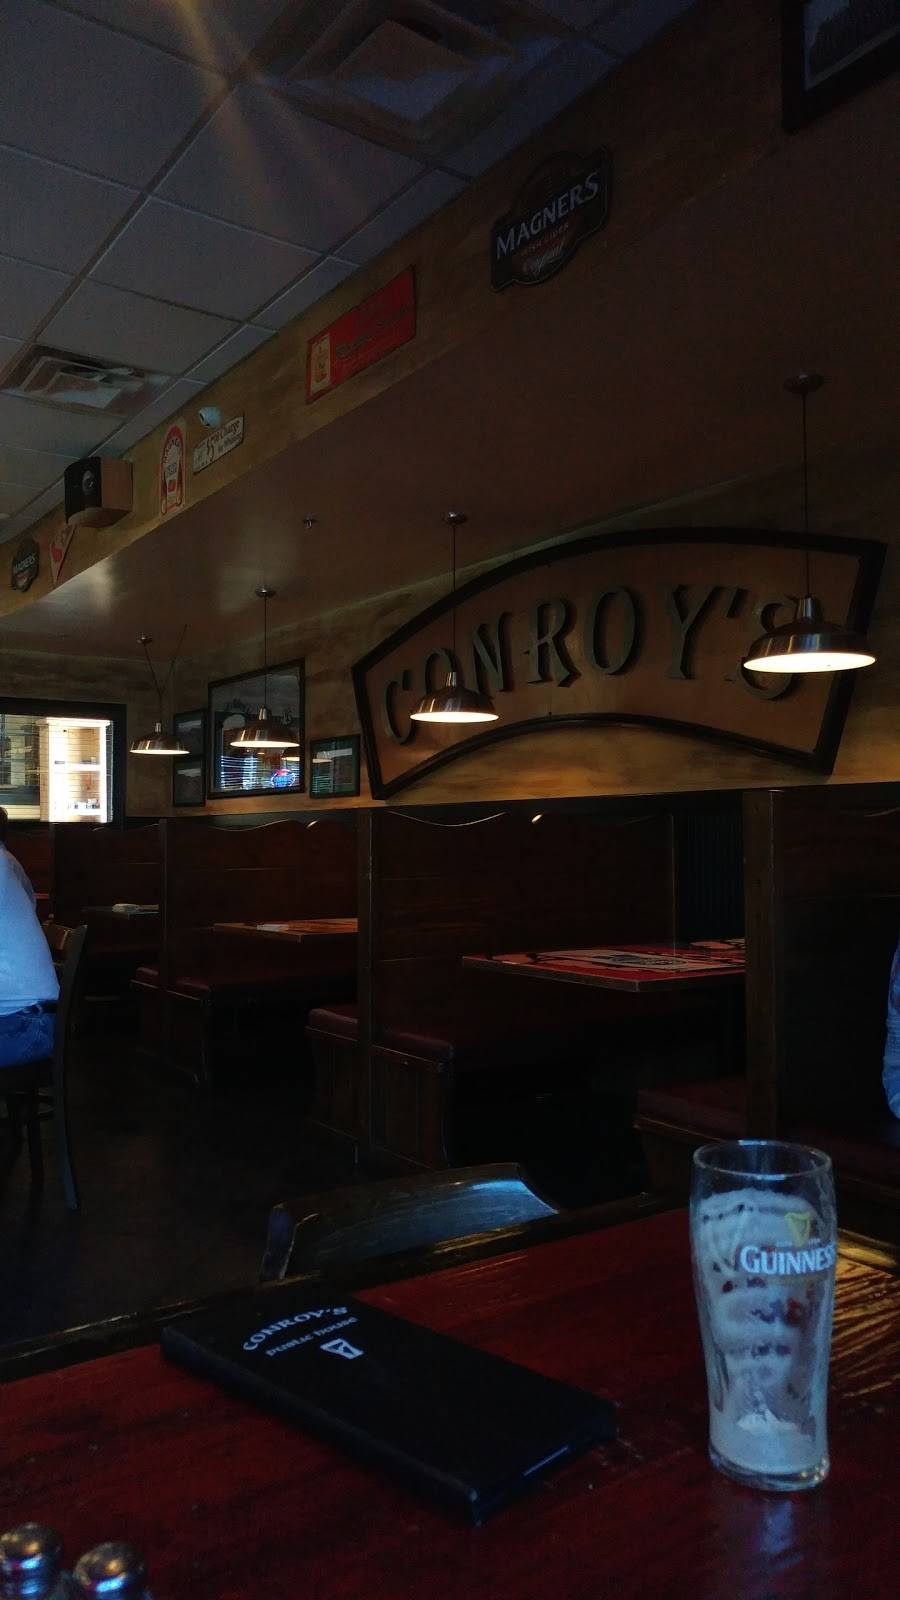 Conroys Public House   restaurant   5285 W 95th St, Overland Park, KS 66207, USA   9136482244 OR +1 913-648-2244